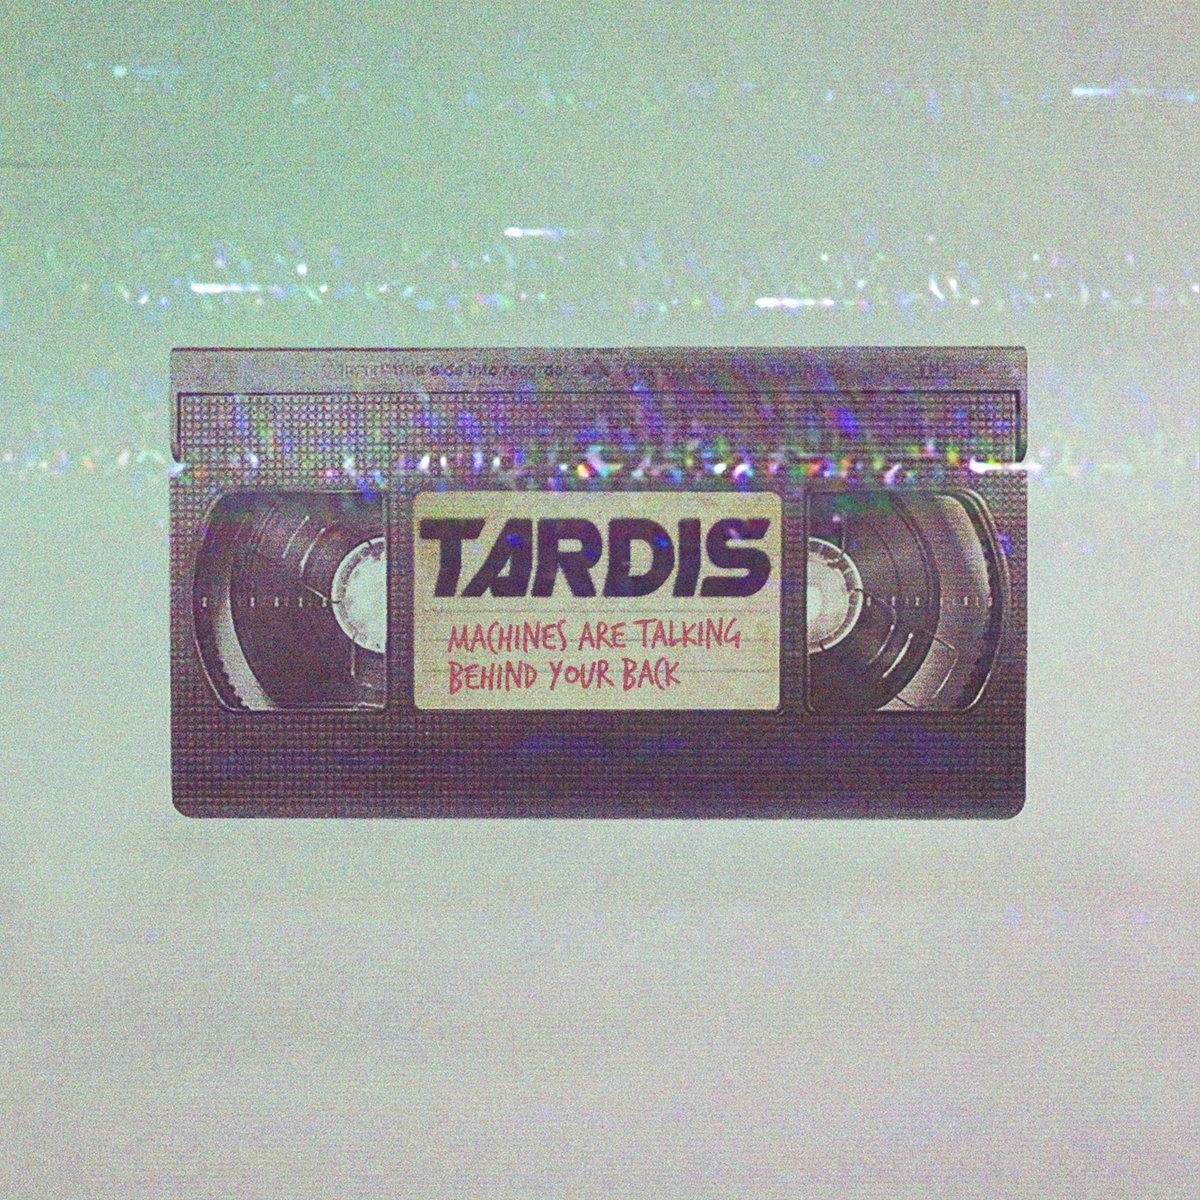 """Résultat de recherche d'images pour """"tardis machine are talking behind your back cd"""""""